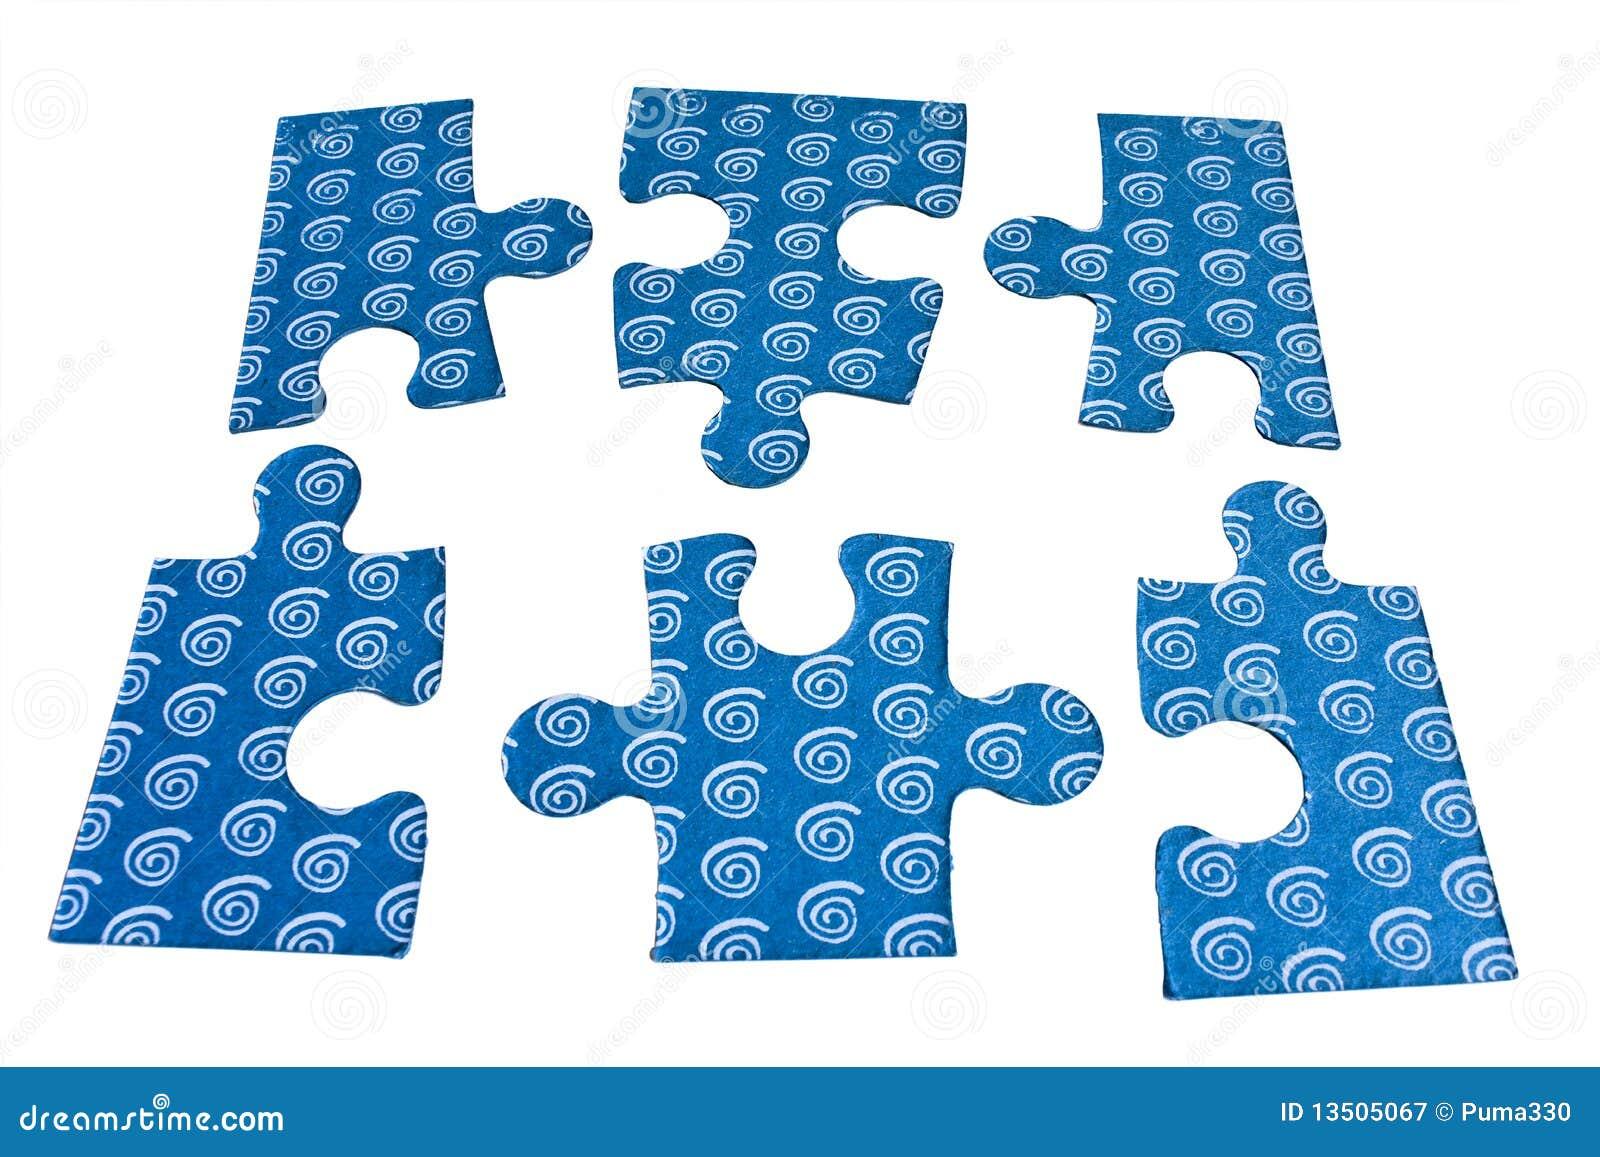 Come fare un puzzle immagine stock immagine di figura - Collegamento stampabile un puzzle pix ...